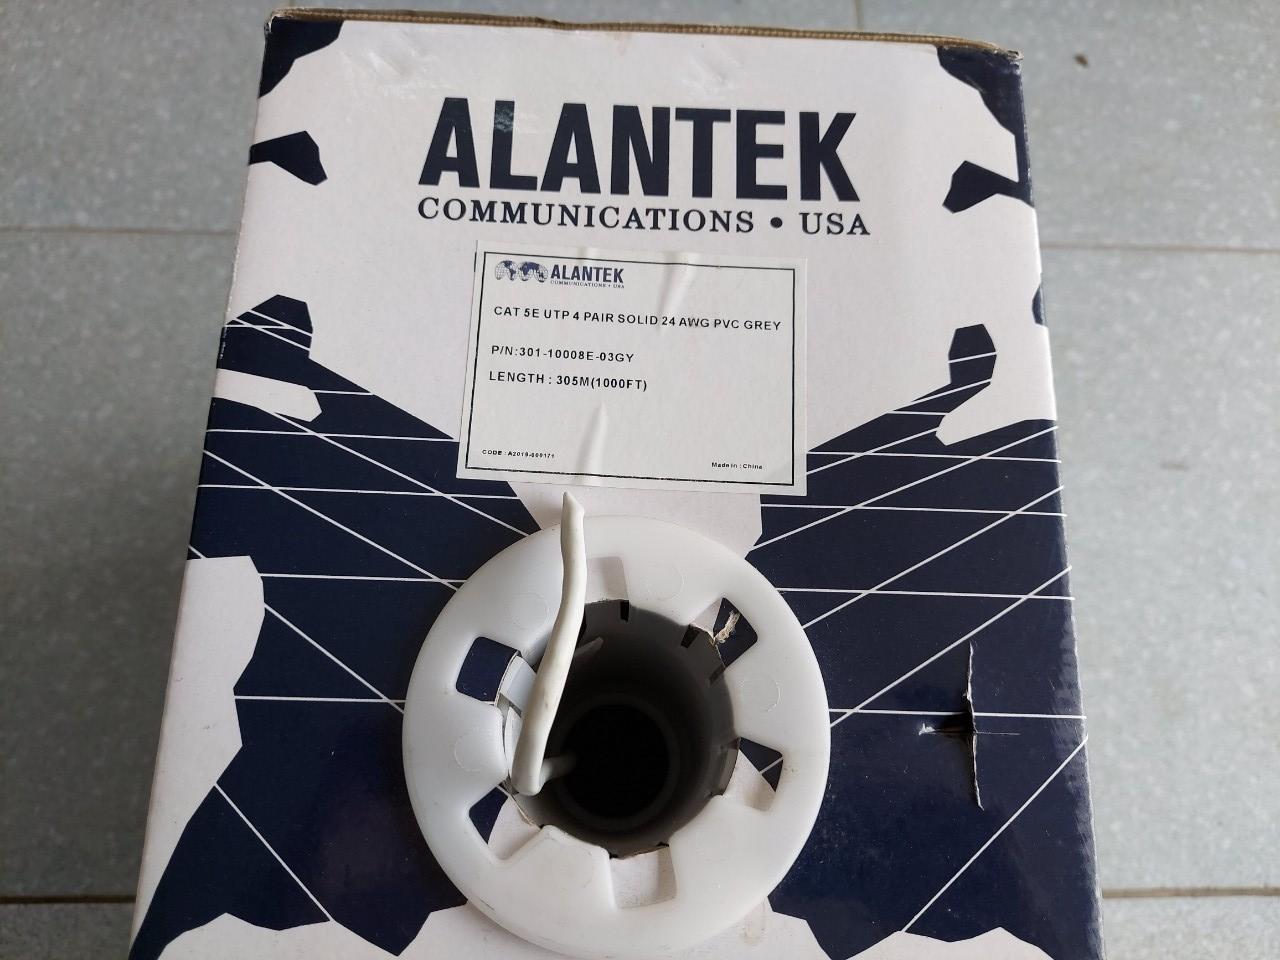 Cáp mạng ALANTEK Cat5e UTP 4 pair 301-10008E-03GY